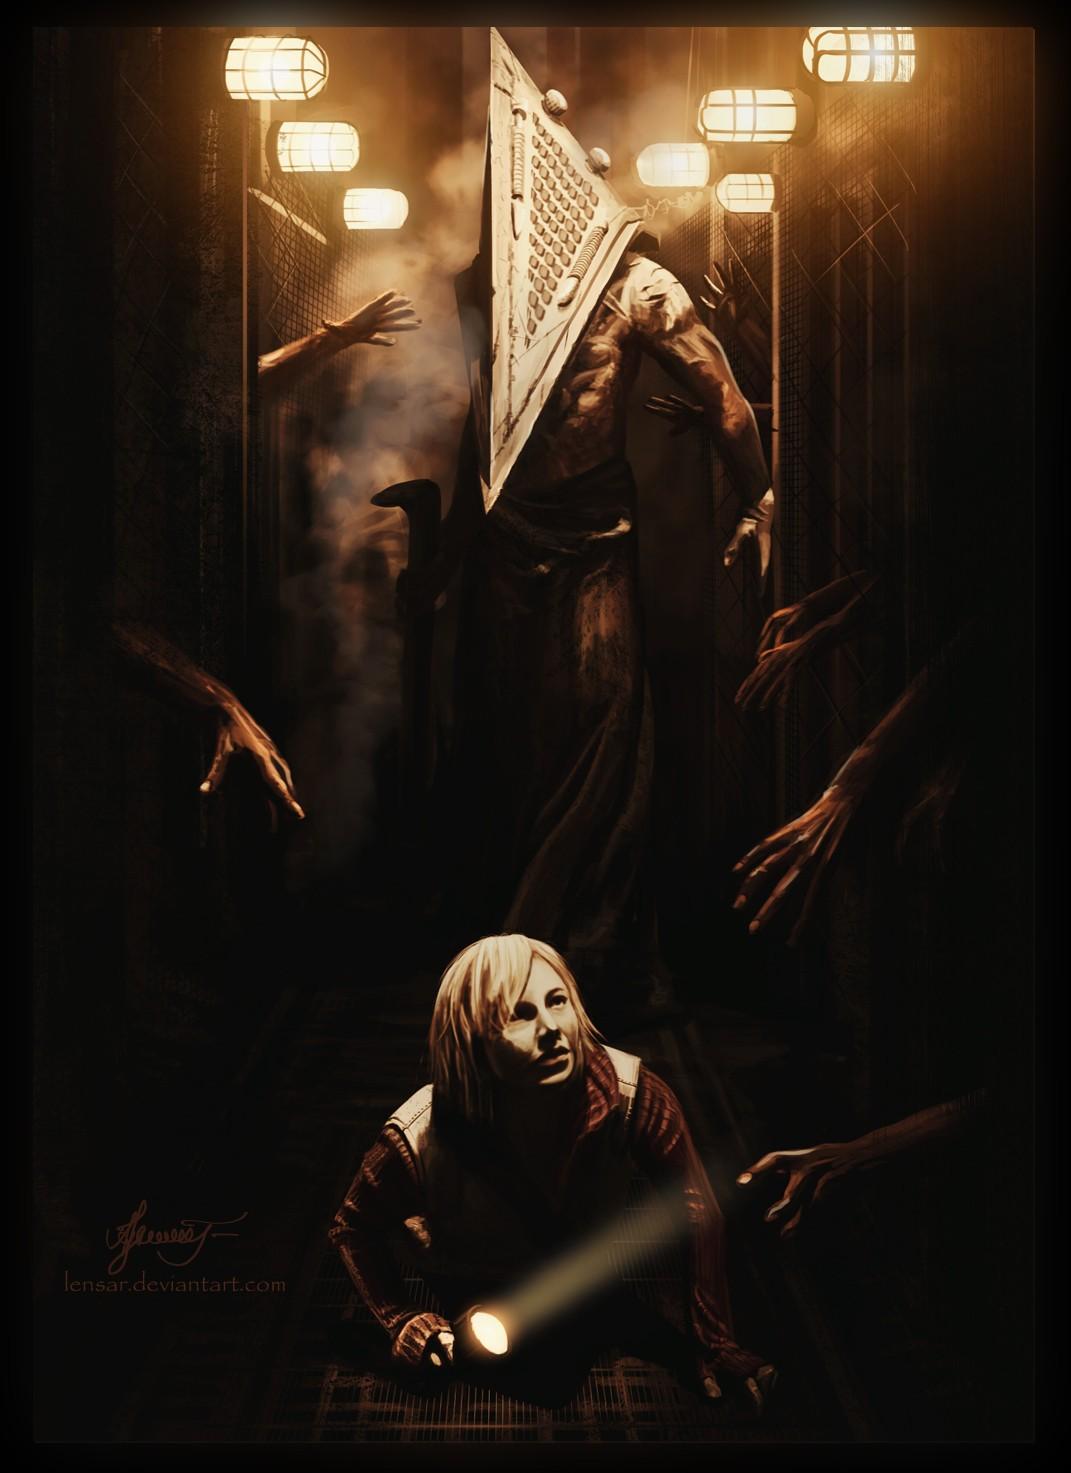 Wallpaper Illustration Horror Poster Pyramid Head Flashlight Silent Hill Revelation Art Darkness Screenshot Album Cover 1071x1473 Kl4v0 190013 Hd Wallpapers Wallhere